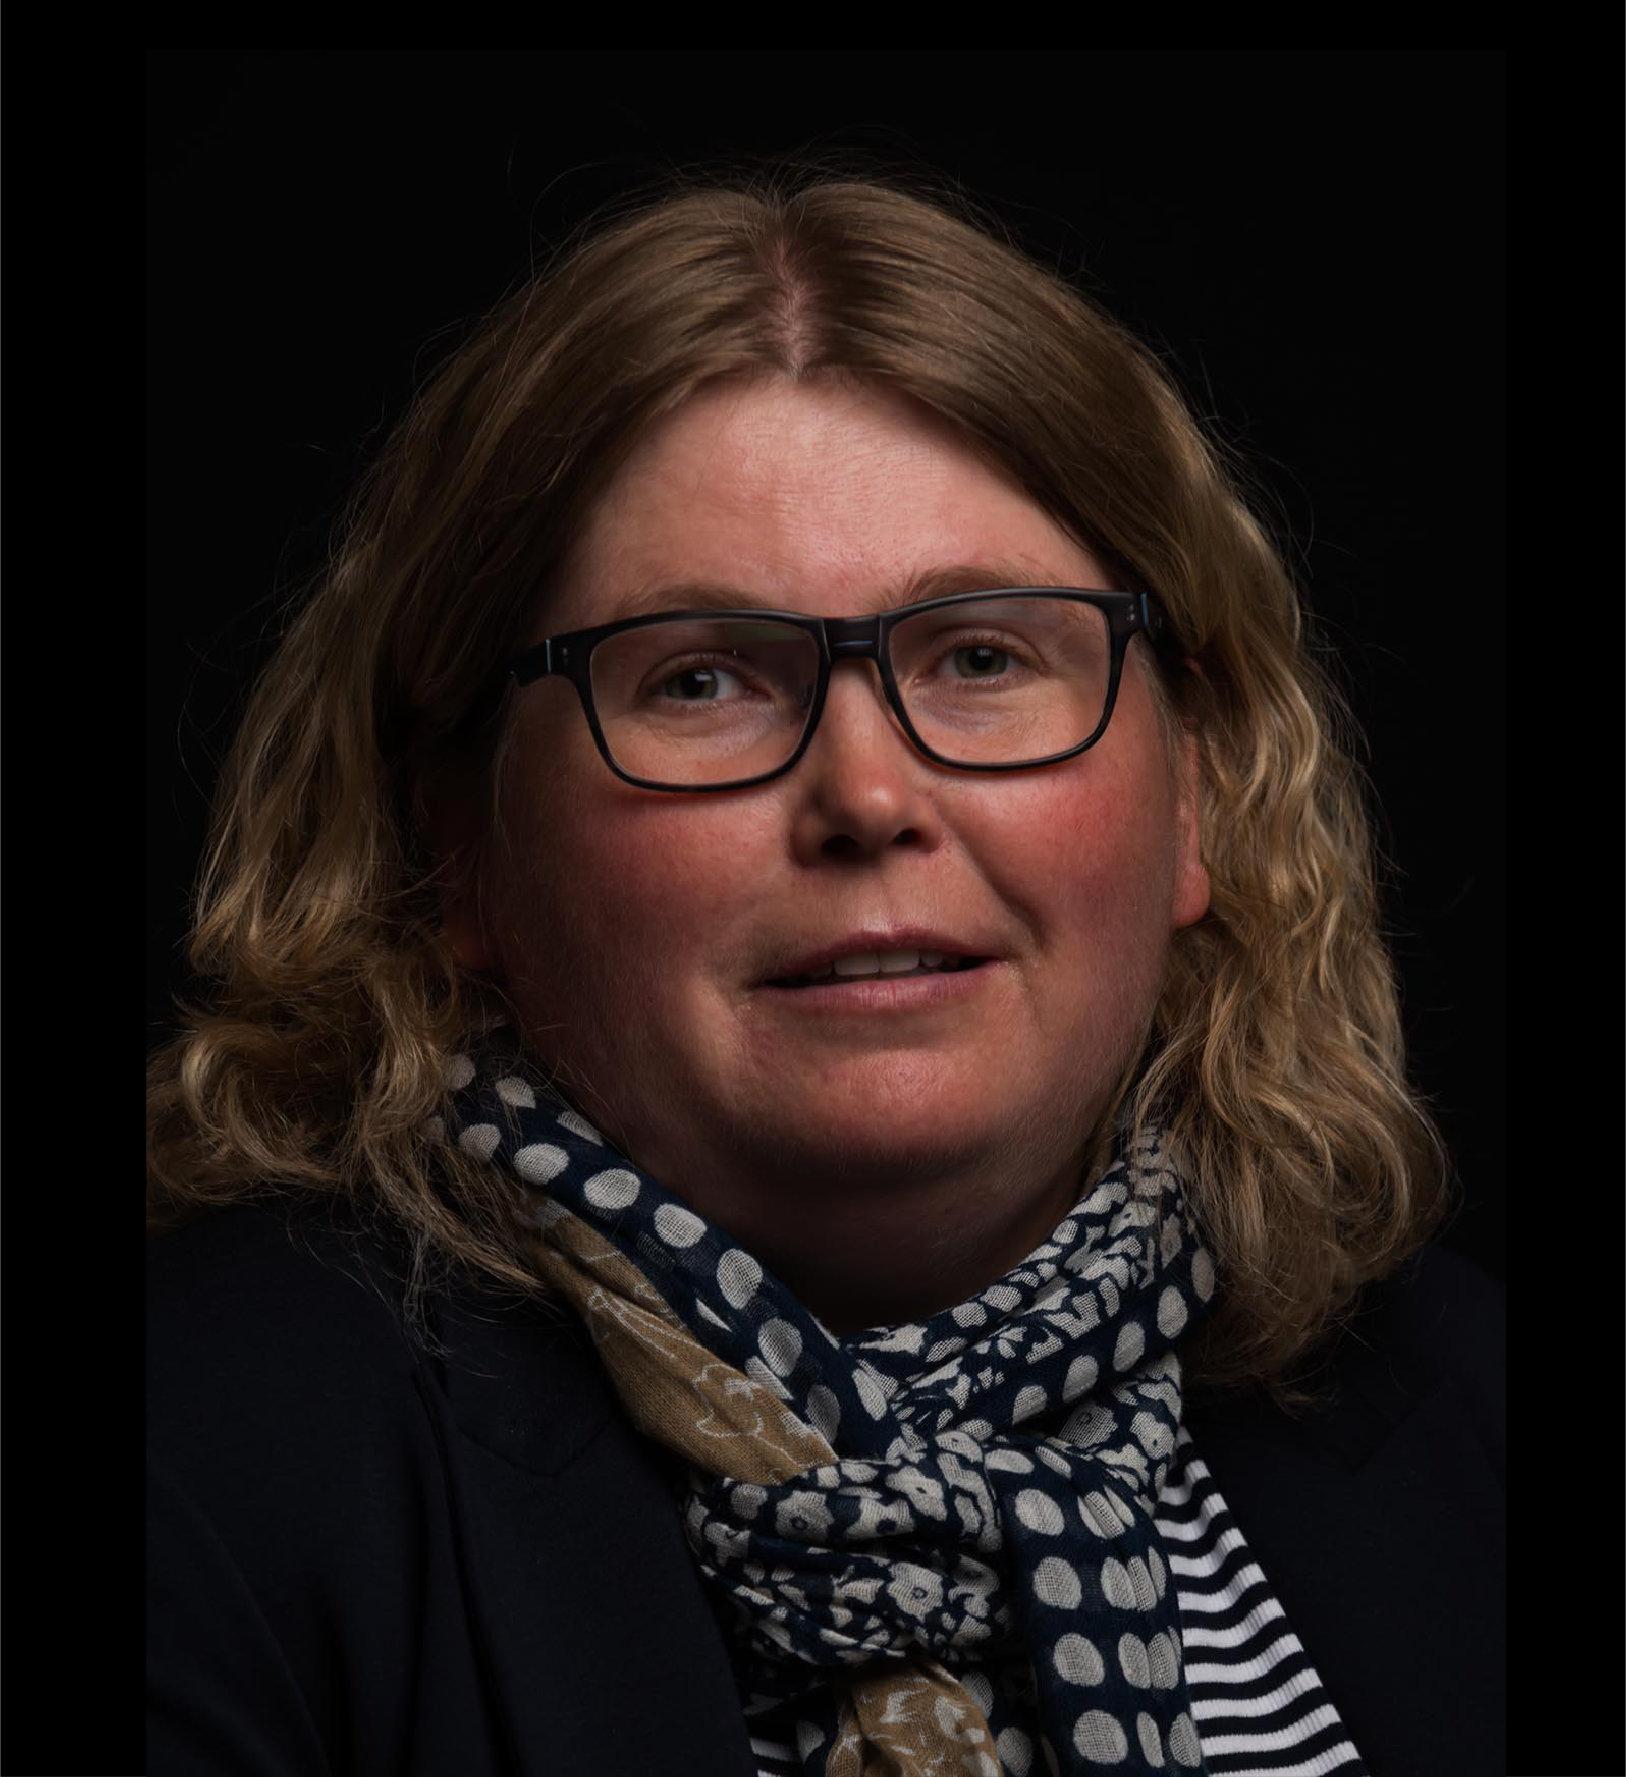 Lene Flesseberg